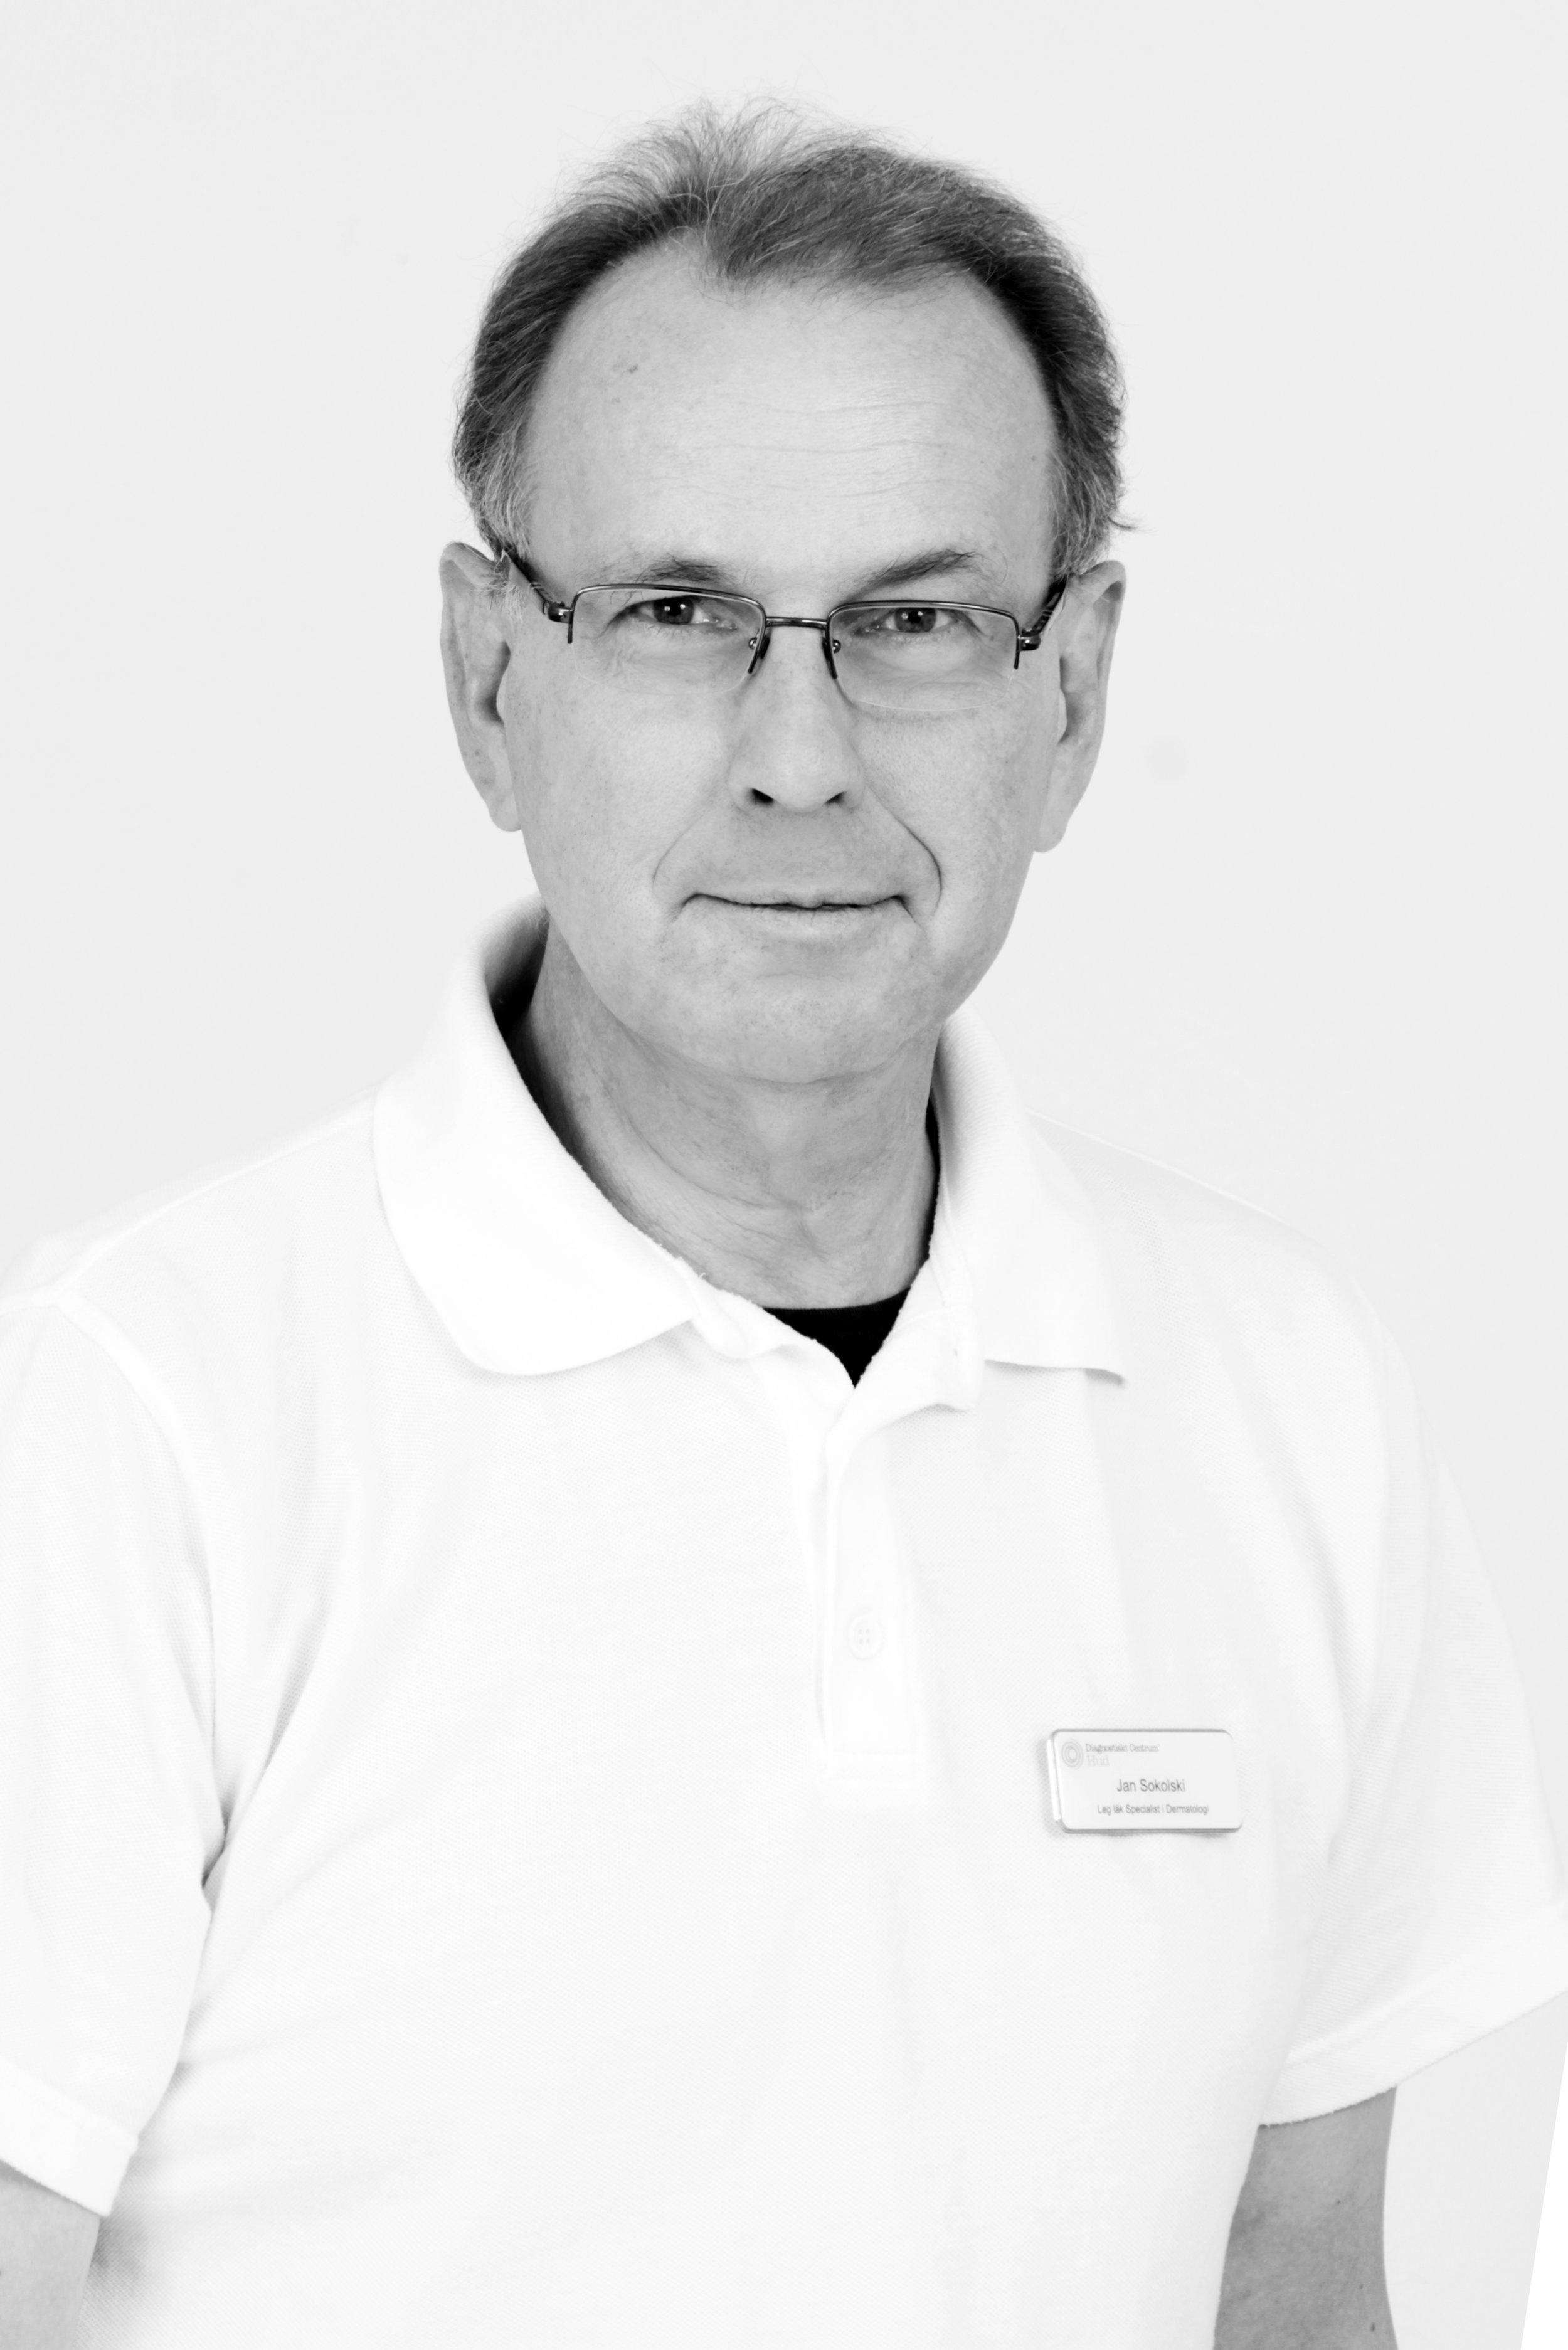 Jan Sokolski